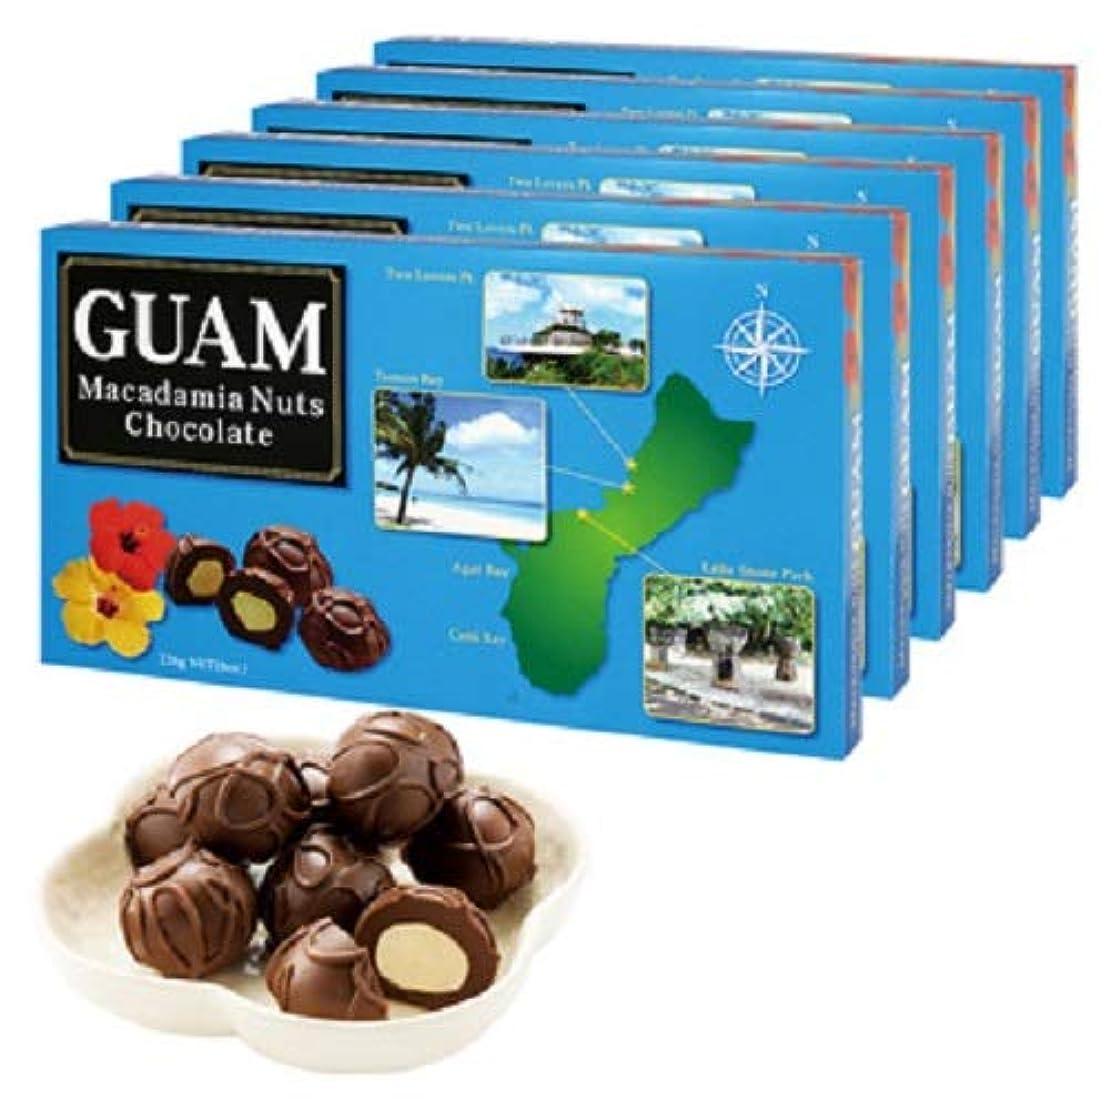 敬な出血戻すグアム マカデミアナッツチョコレート6箱セット【グァム 海外土産 輸入食品 スイーツ】